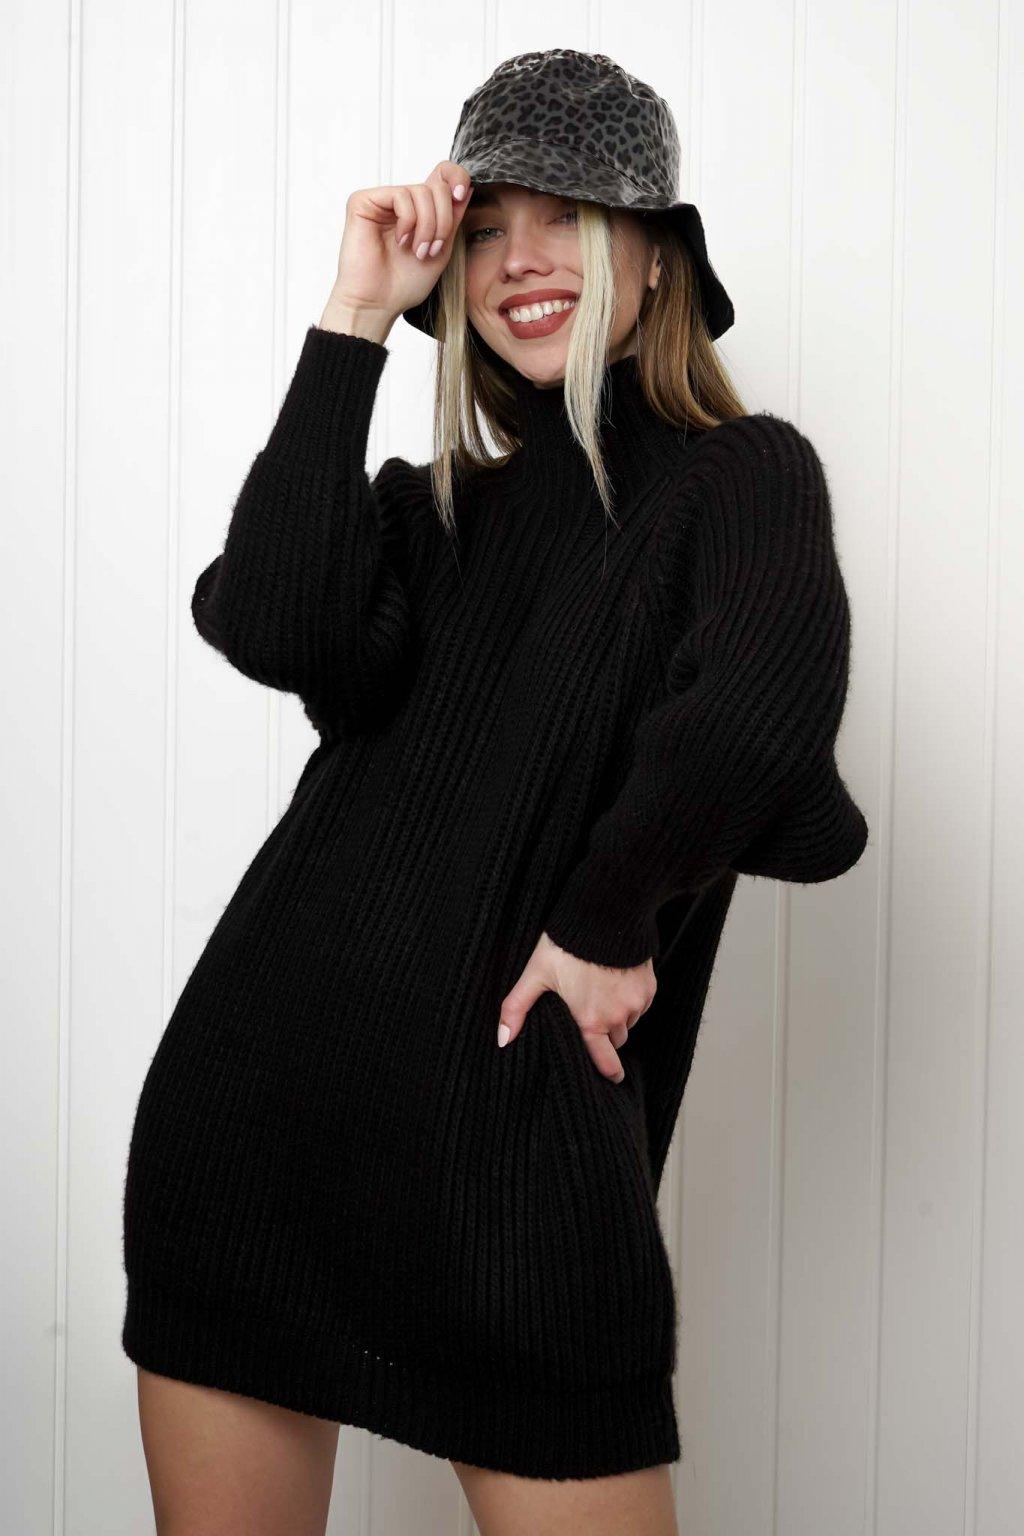 sveter, svetrík, sveter dámsky, úplet, úpletový sveter, jednoduchý sveter, v výstríh, štýlový, chlpatý,vzorovaný, srdiečkový, čierny, biely, farebný, 160